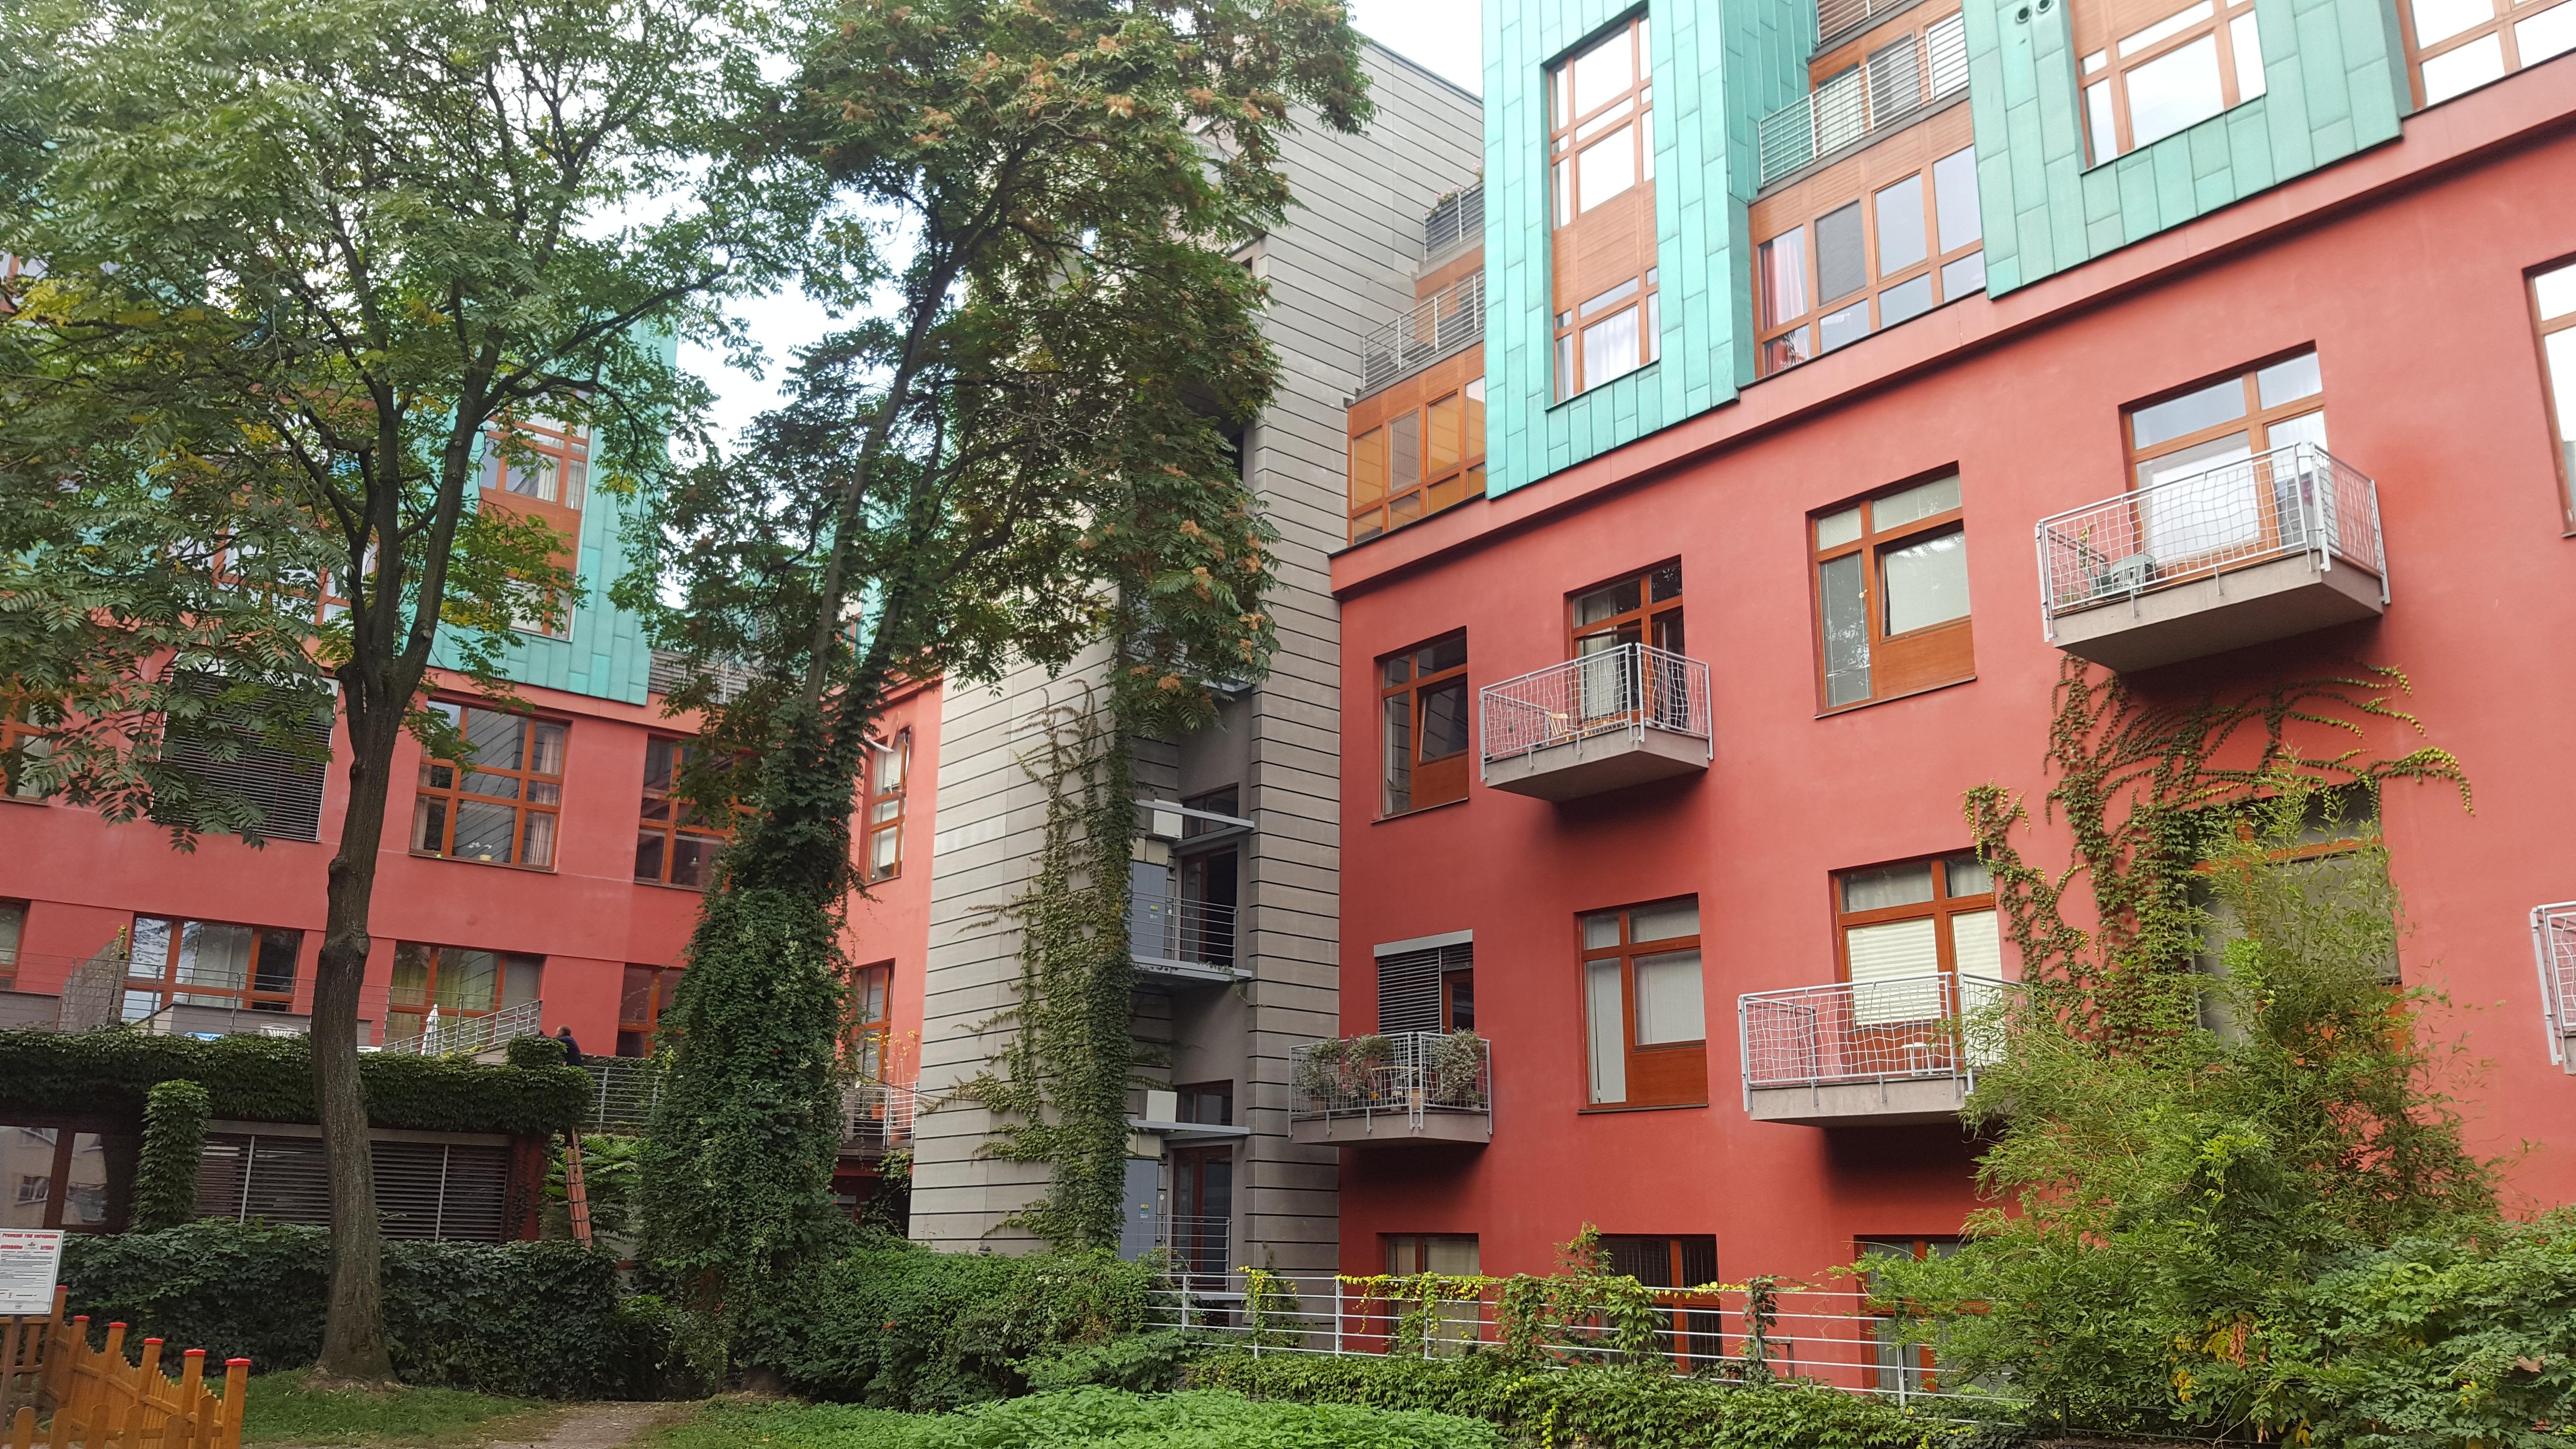 למכירה בשכונת Liben בפראג 8 דירת 2+KK בגודל 42 מר (11)